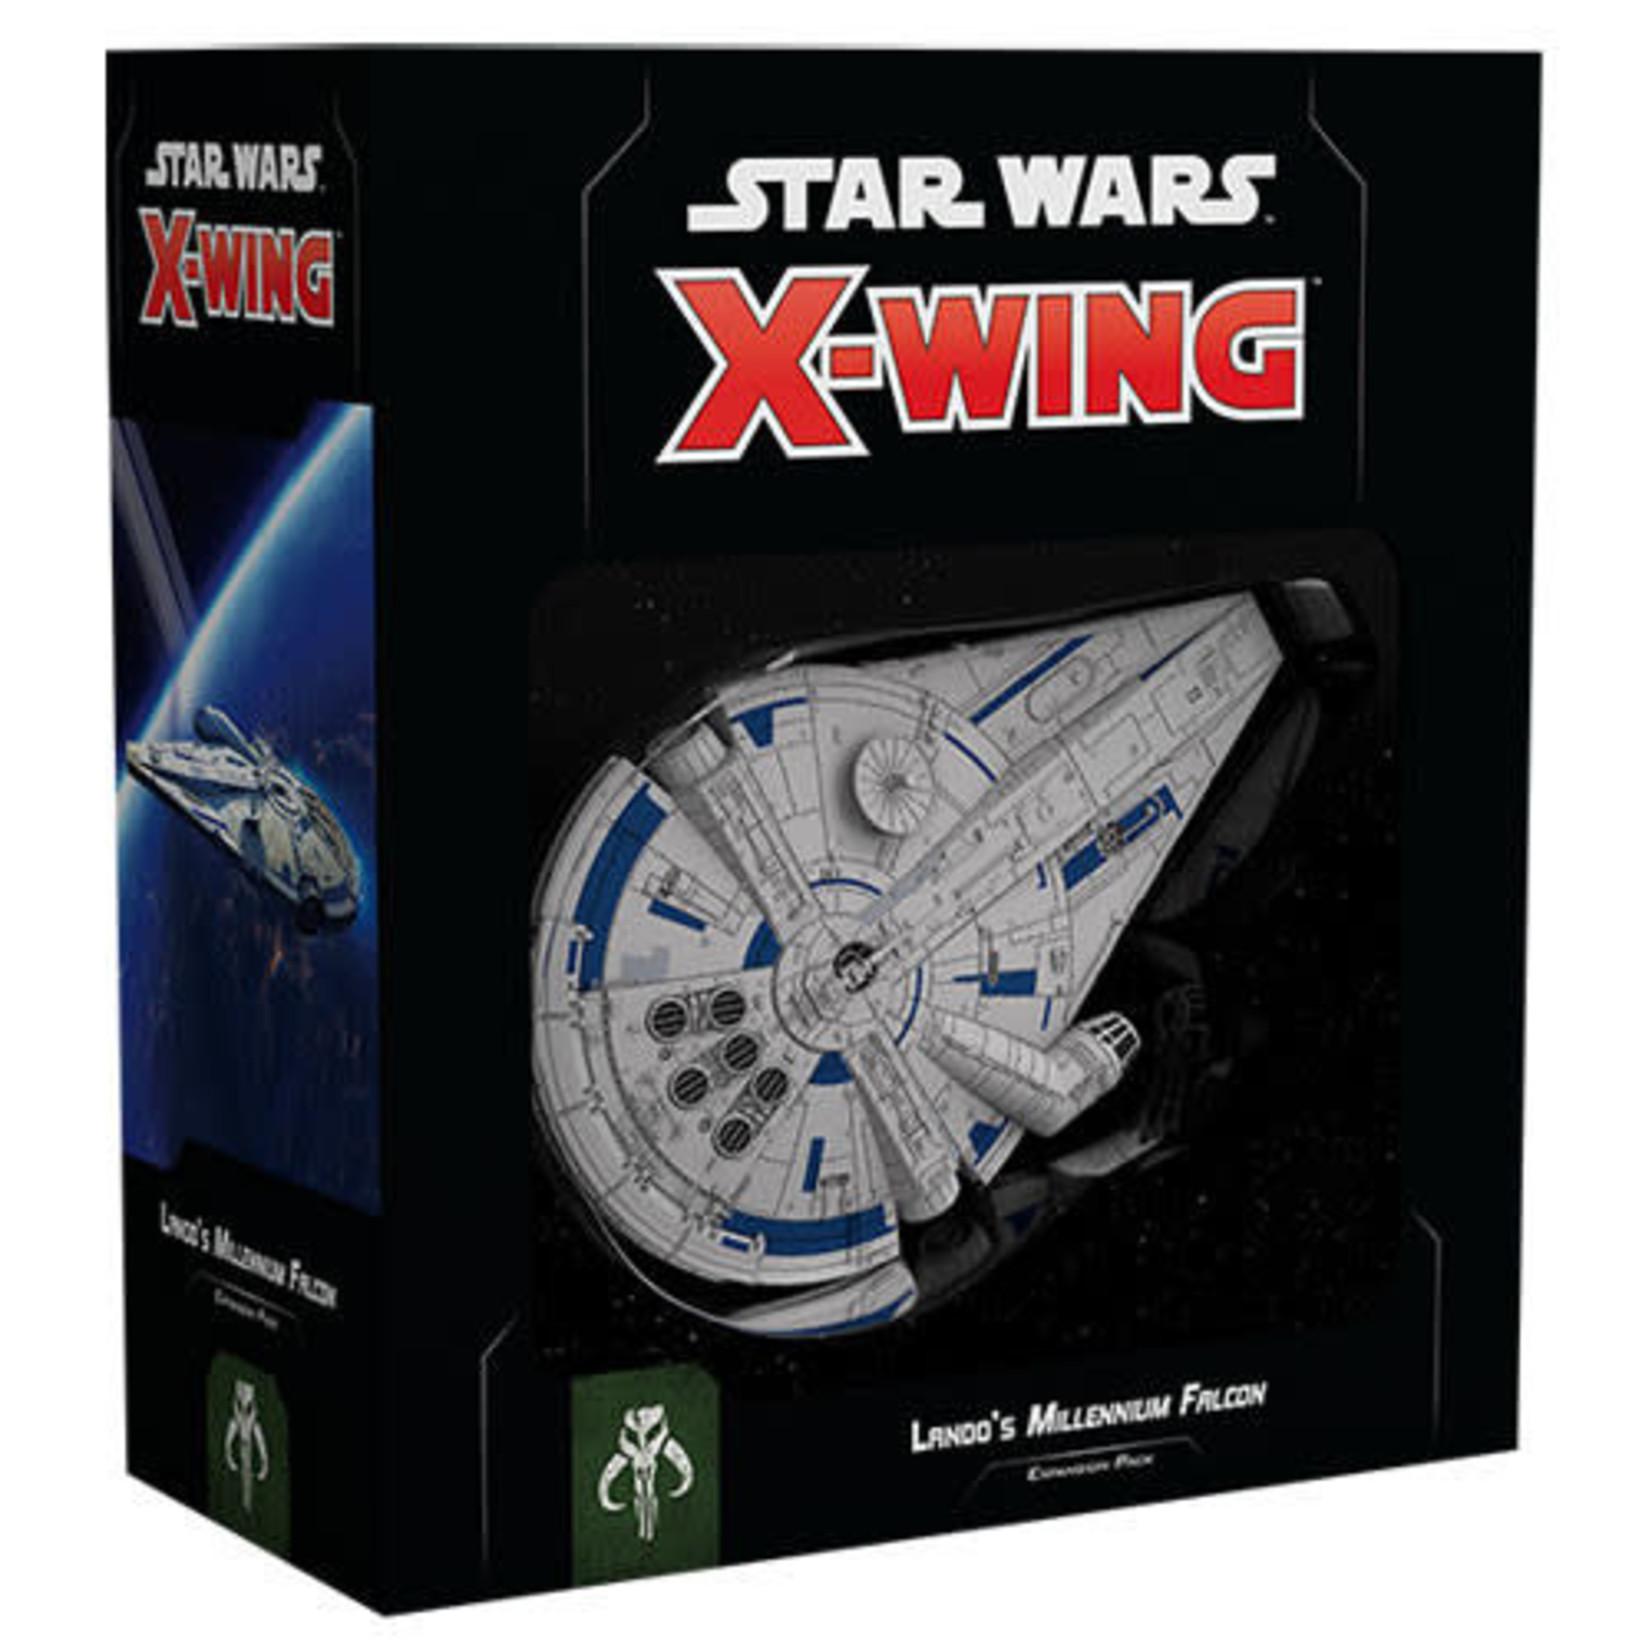 Star Wars X-Wing 2e: Lando's Millenium Falcon